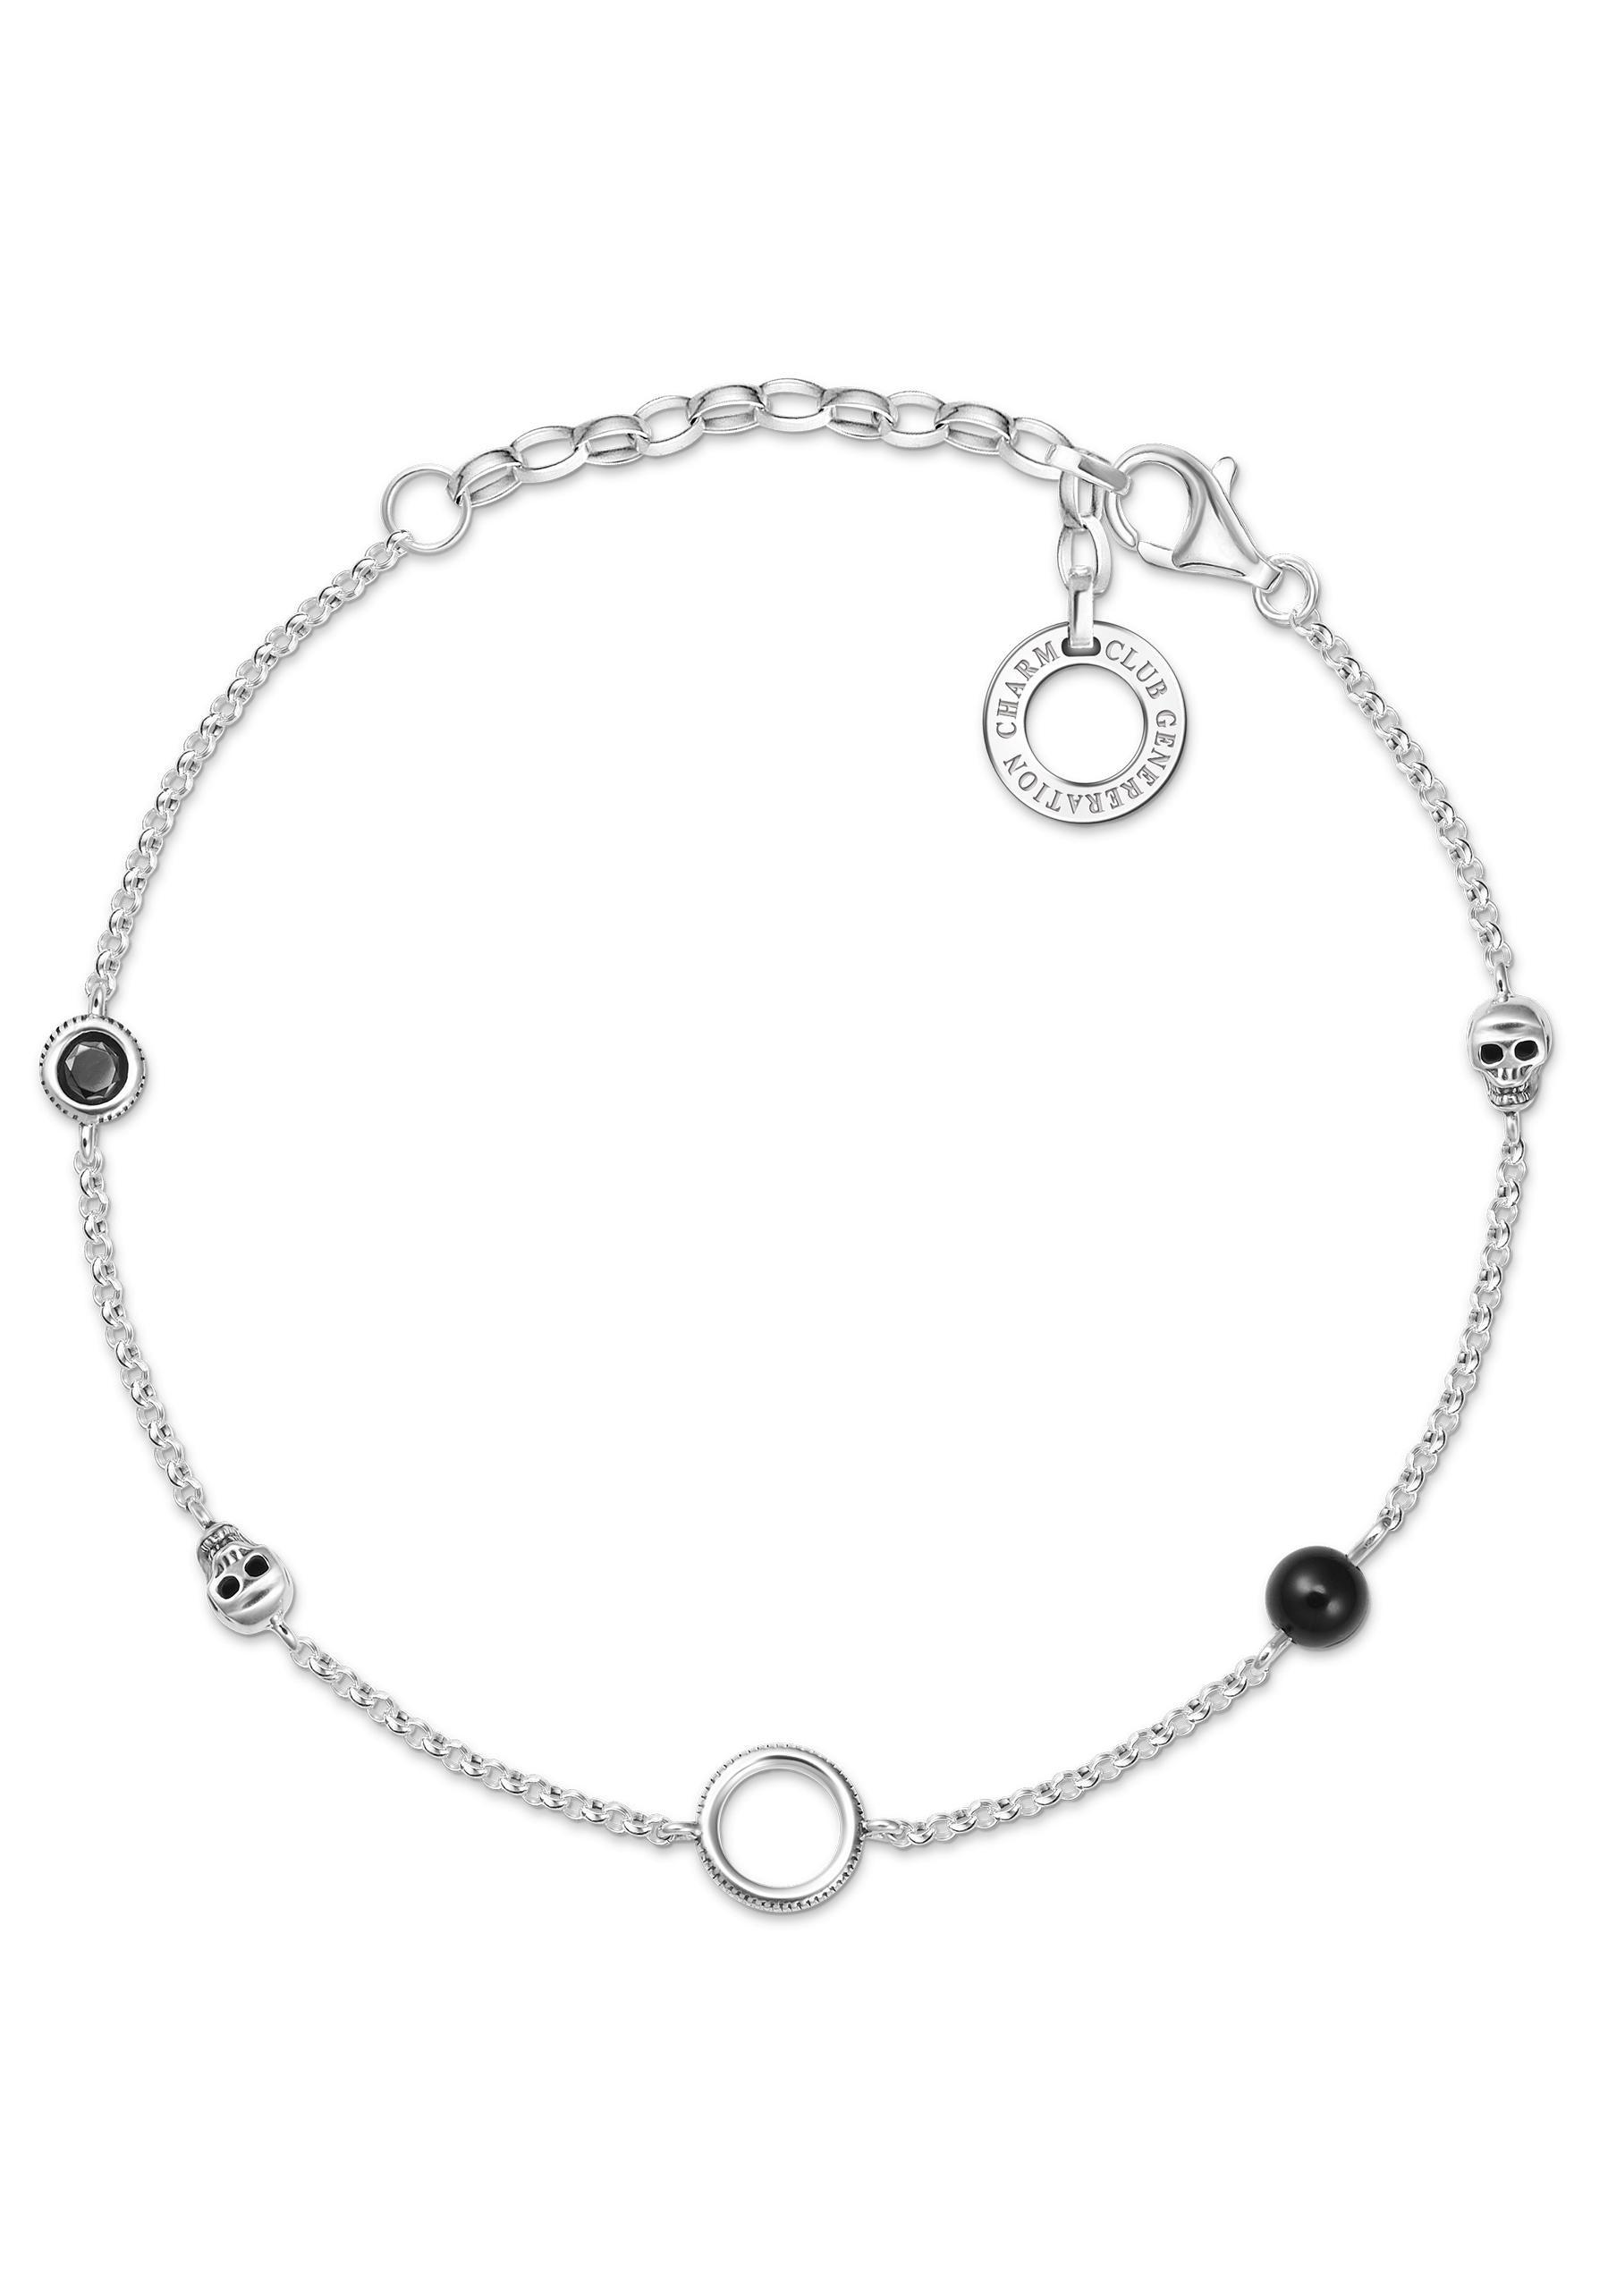 THOMAS SABO Charm-Armband Farbige Steine, X0275-641-11-L19v | Schmuck > Armbänder > Charm-Armbänder | Thomas Sabo